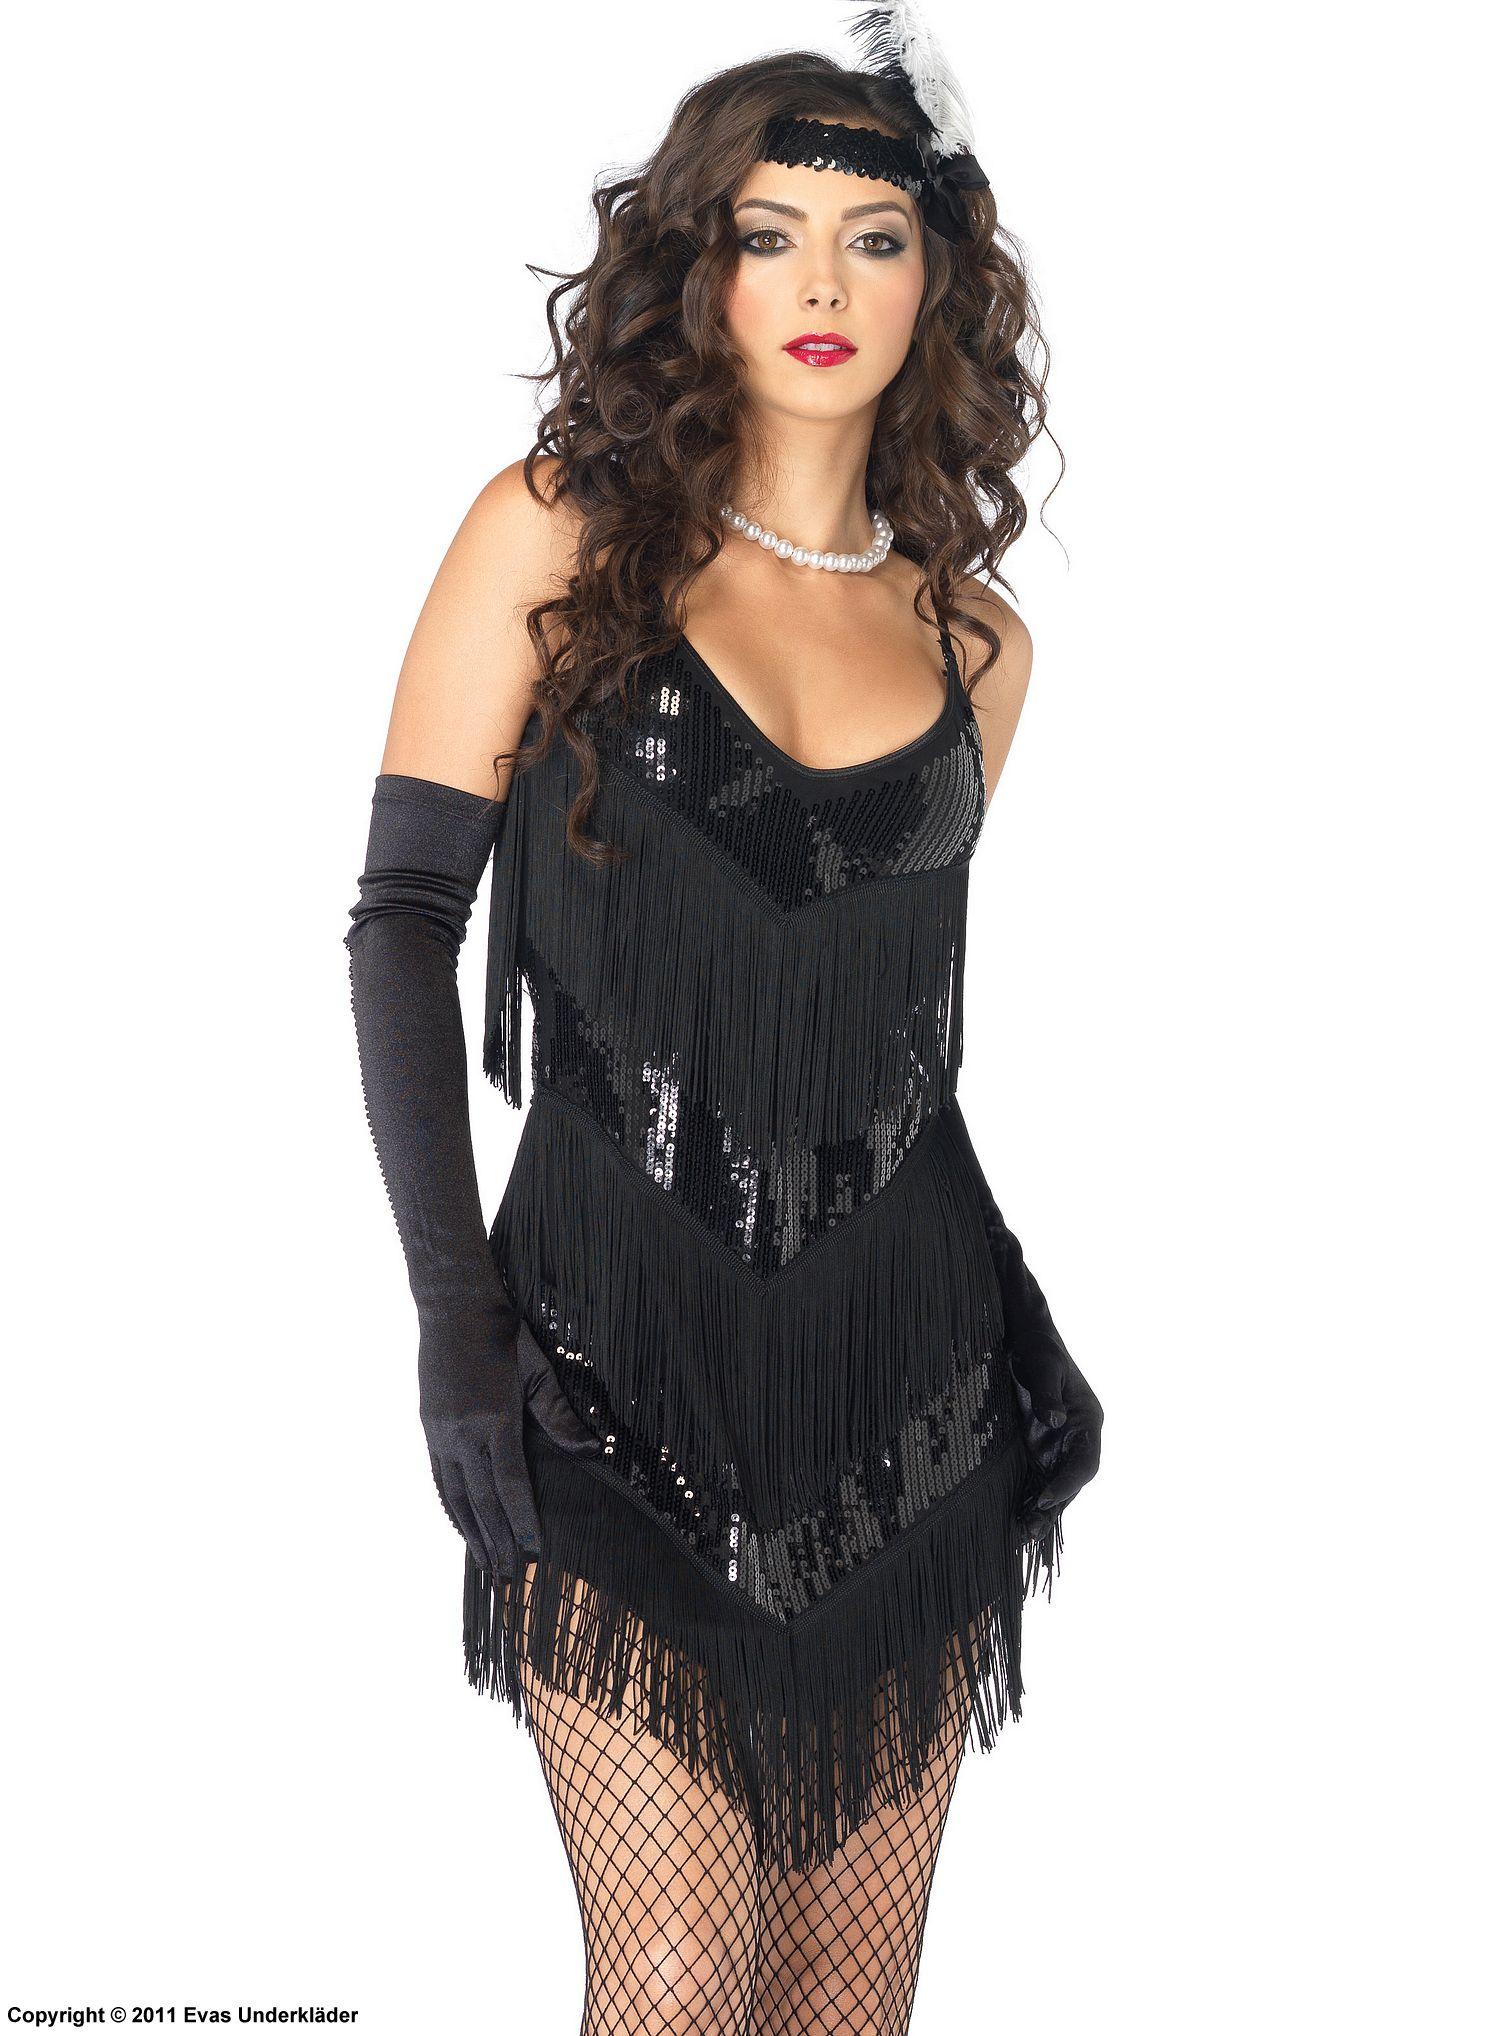 20 tals klänning med fransar och paljetter, maskeradkläder